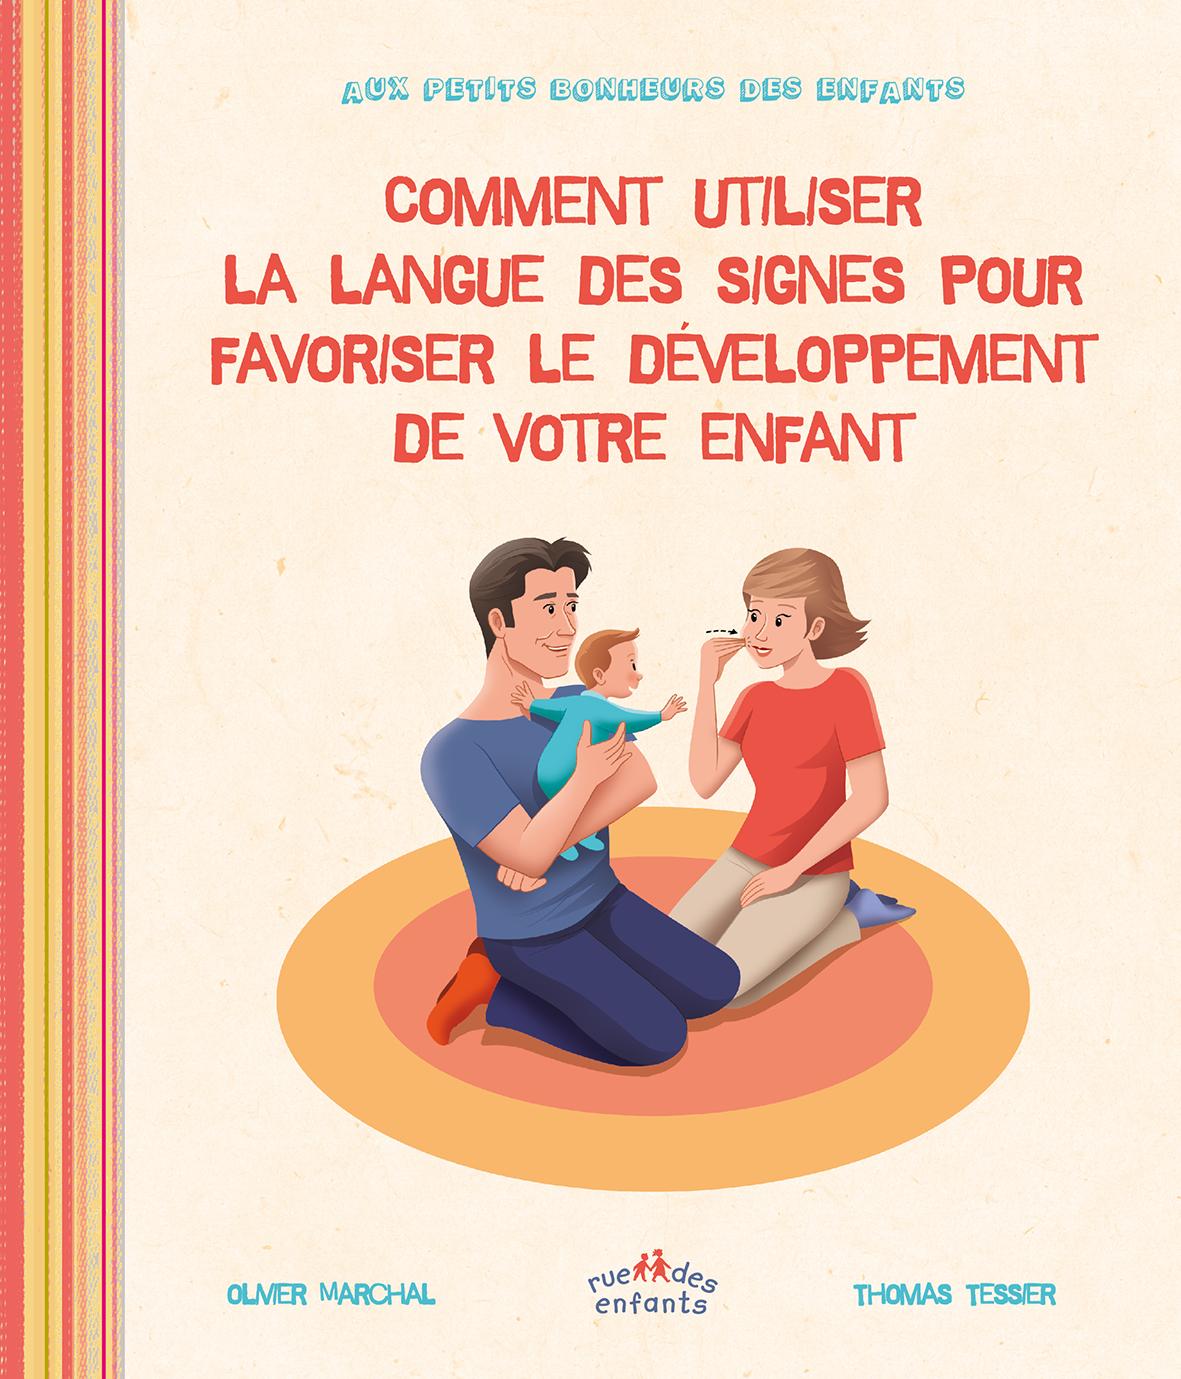 COMMENT UTILISER LA LANGUE DES SIGNES POUR FAVORISER LE DEVELOPPEMENT ENFANT